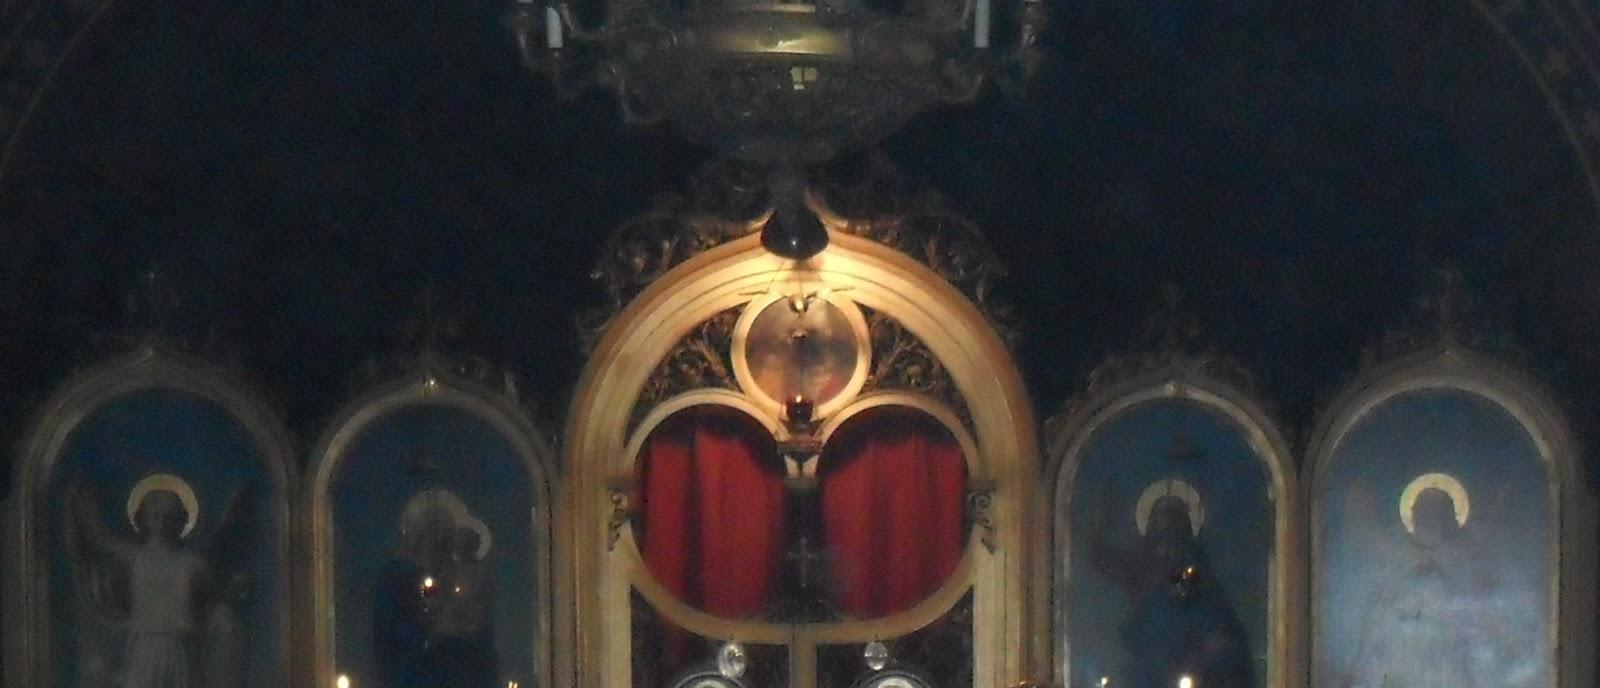 Orthodoxologie le combat int rieur for Mal etre interieur